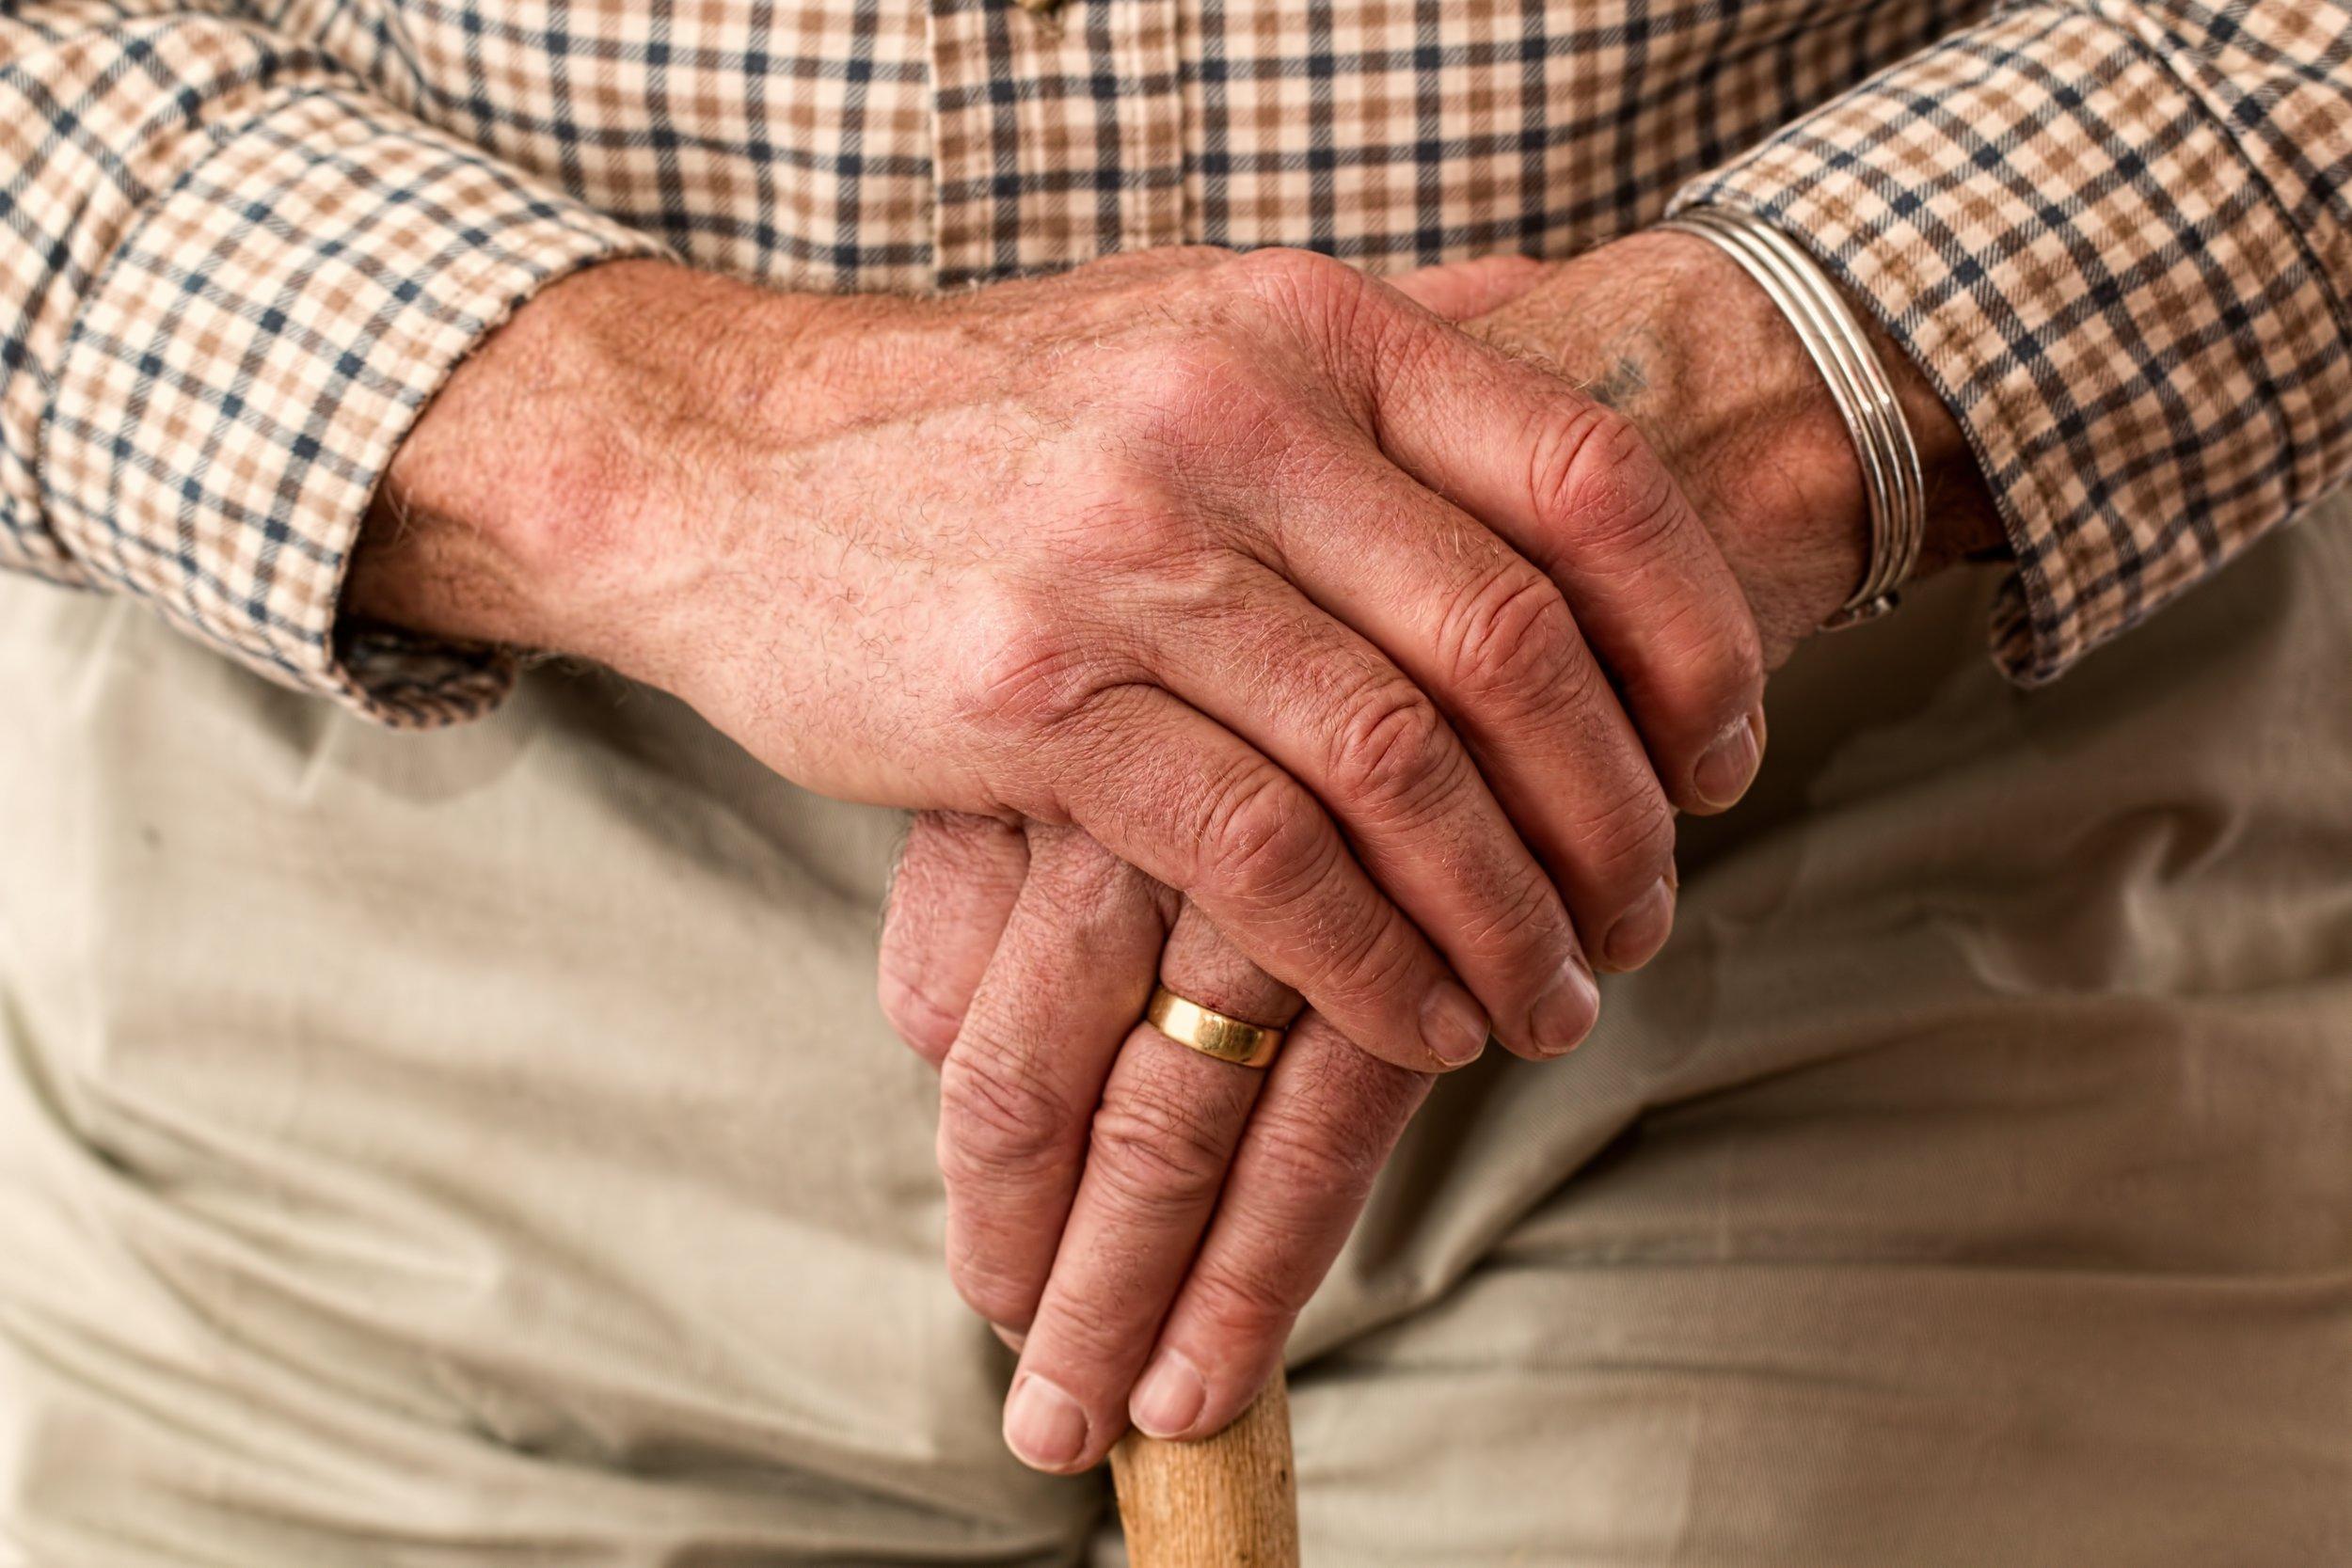 hand-man-male-waiting-finger-arm-686685-pxhere.com.jpg